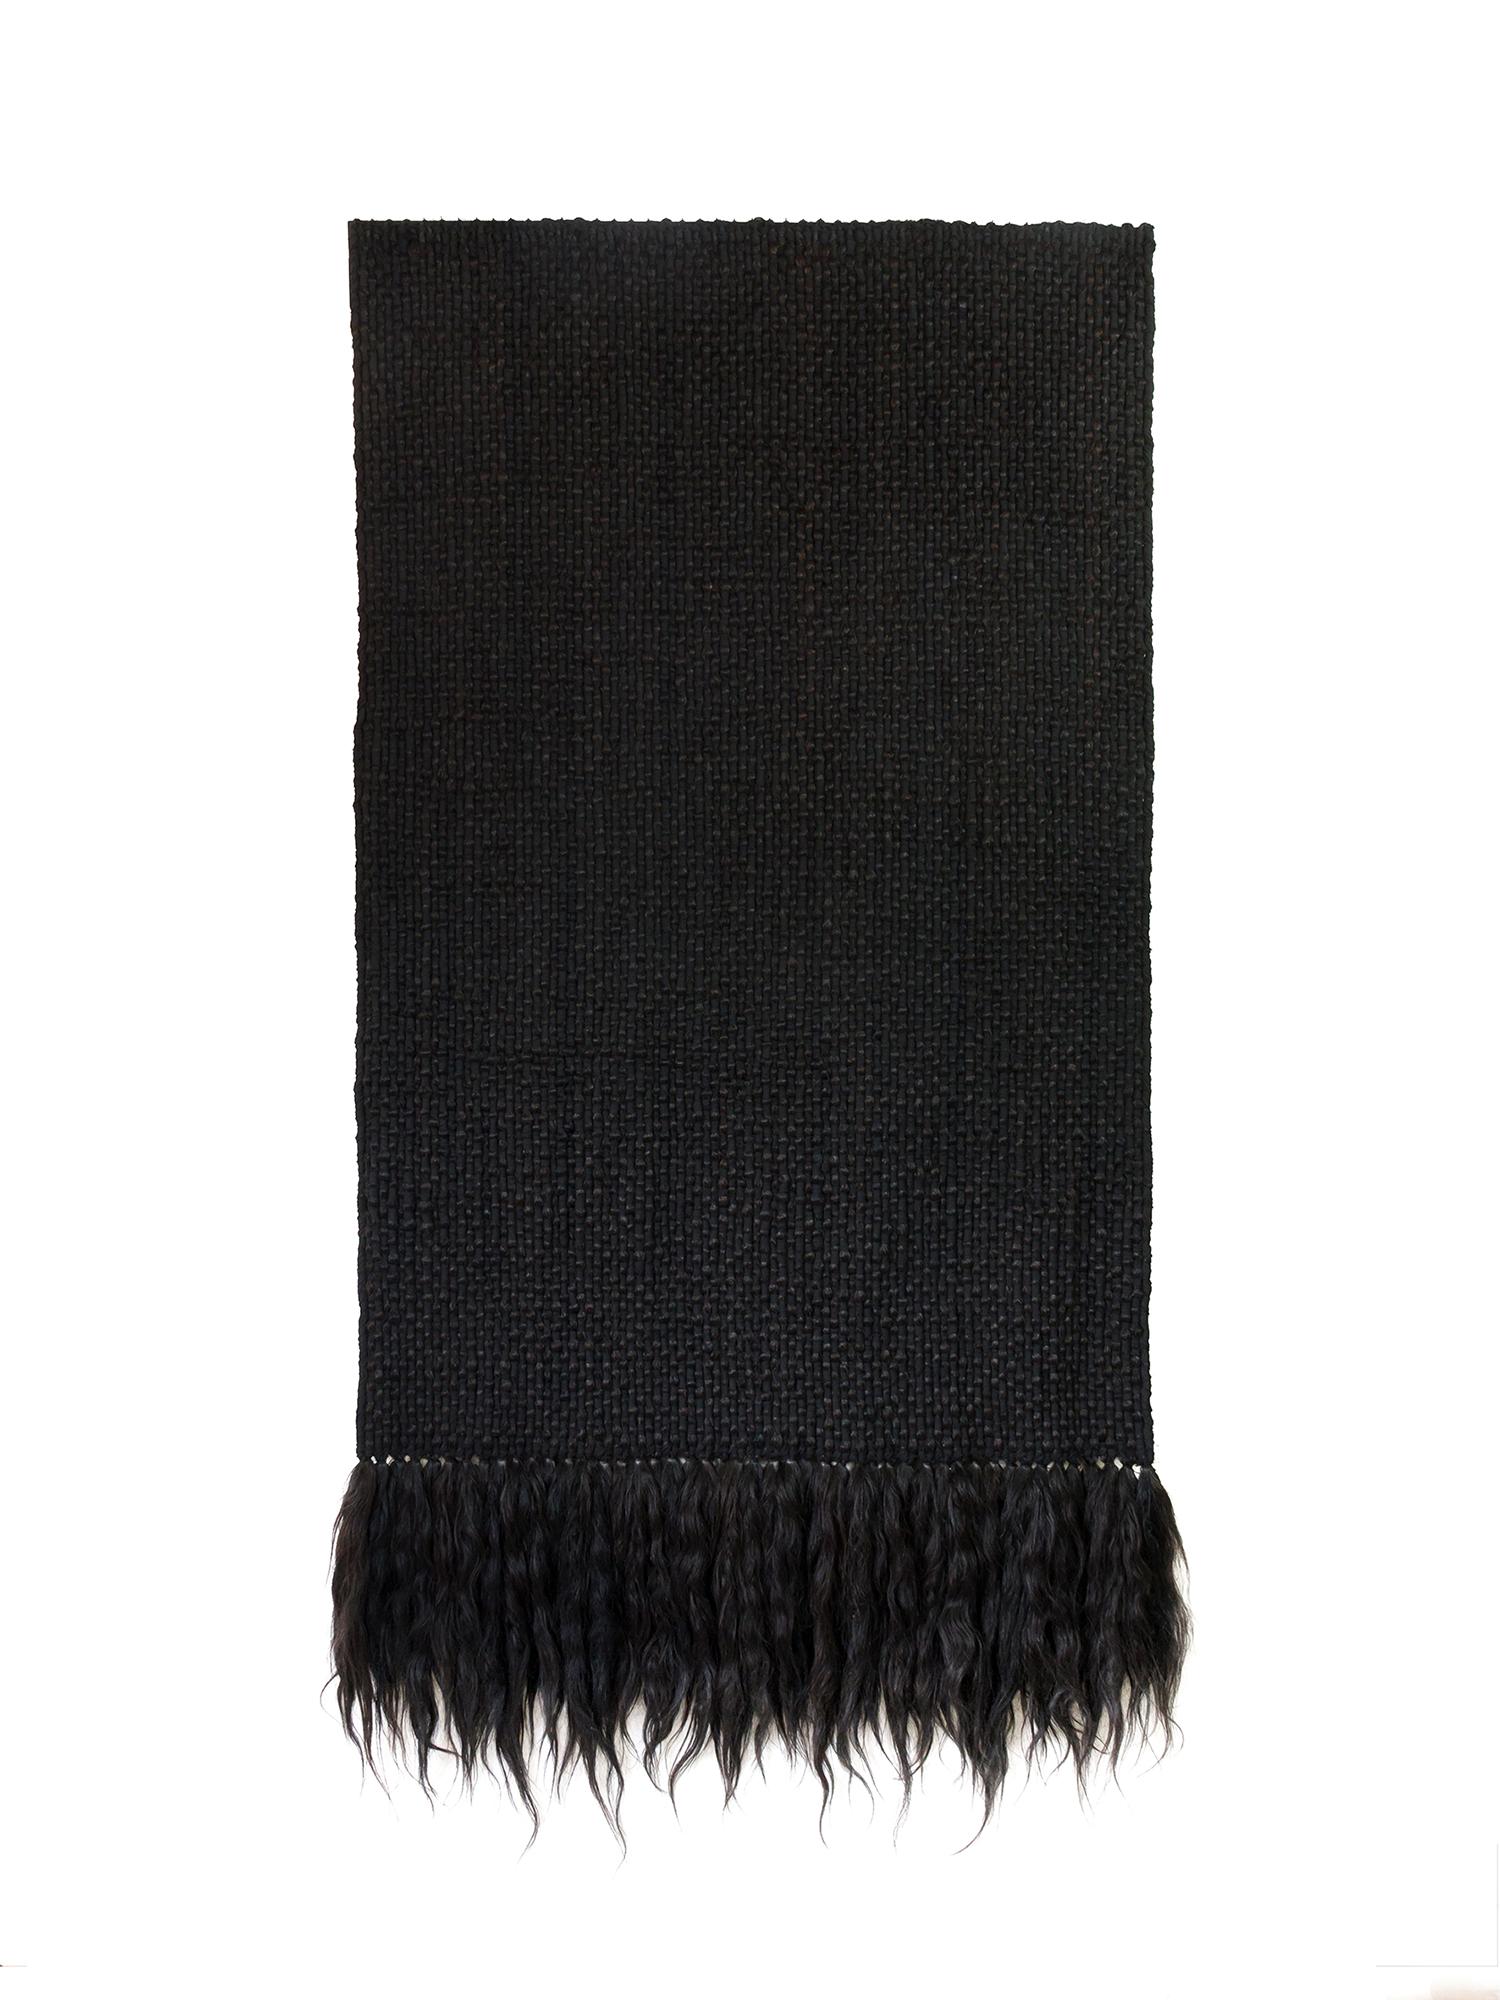 Sin Título (Hair)   Hair, fabric  66 × 36 in